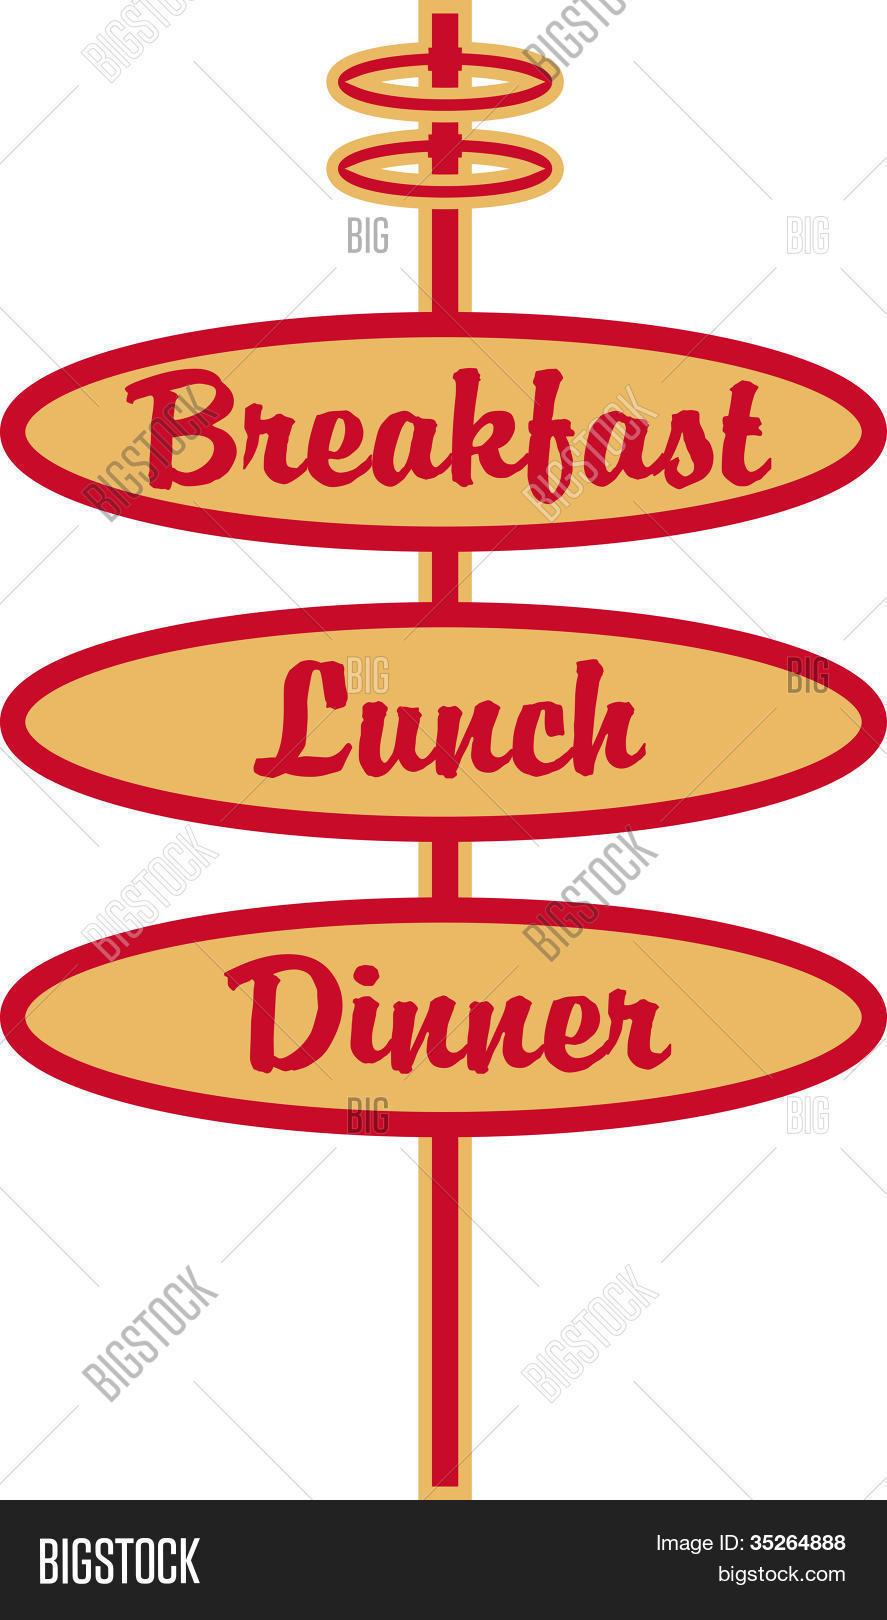 Brunch clipart supper. Breakfast for dinner restaurants